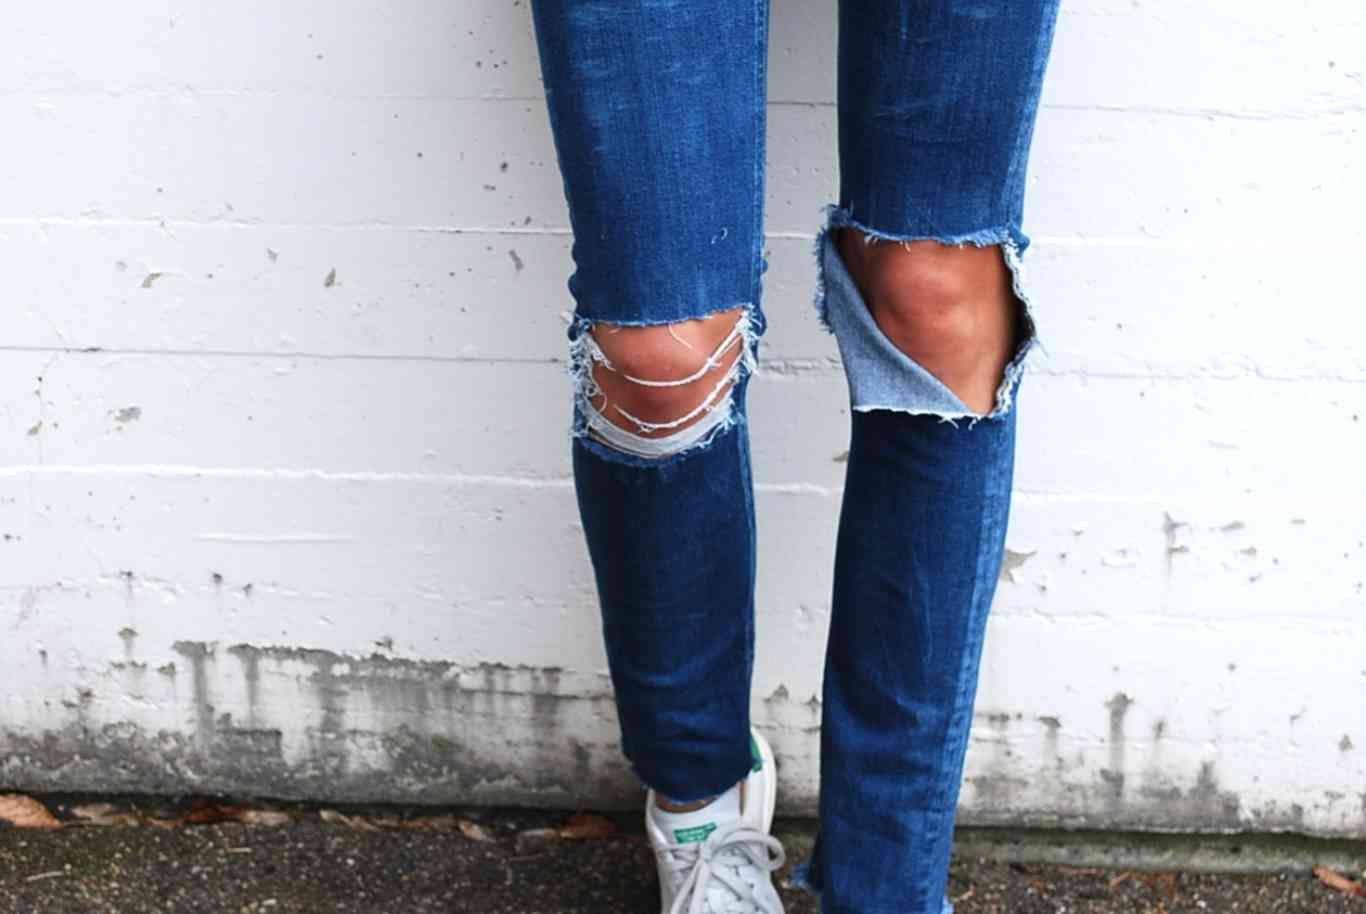 Los ripped jeans, el tye die y la ropa con parches. 3 tendencias que podemos lucir sin necesidad de gastar en nuevas prendas. ¡Aprende a hacerlo tú misma!